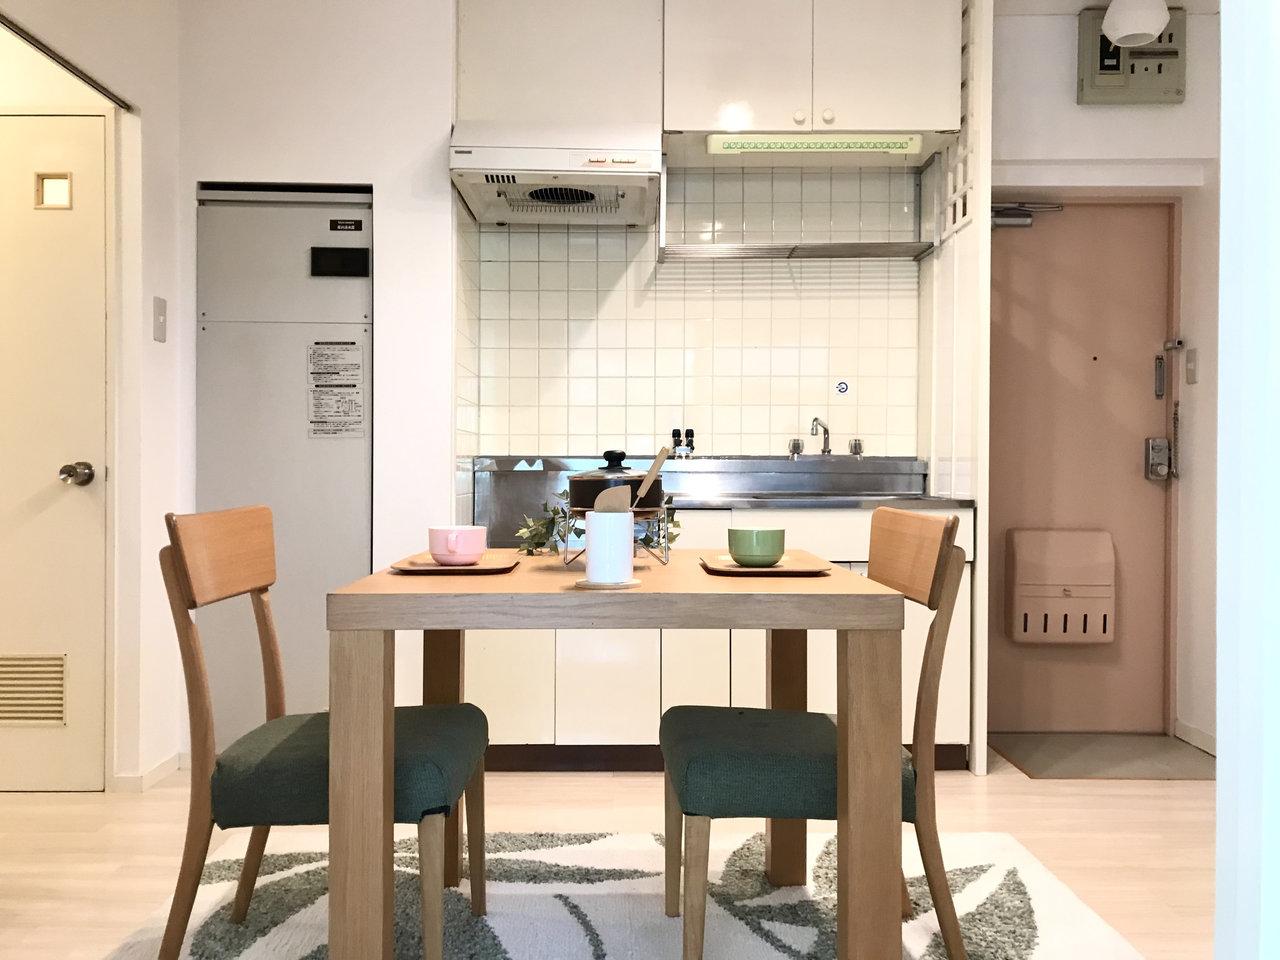 ダイニング・キッチンは6.7畳。大きめのキッチンワゴンを置いてカウンターキッチン風に使ってみようかな。